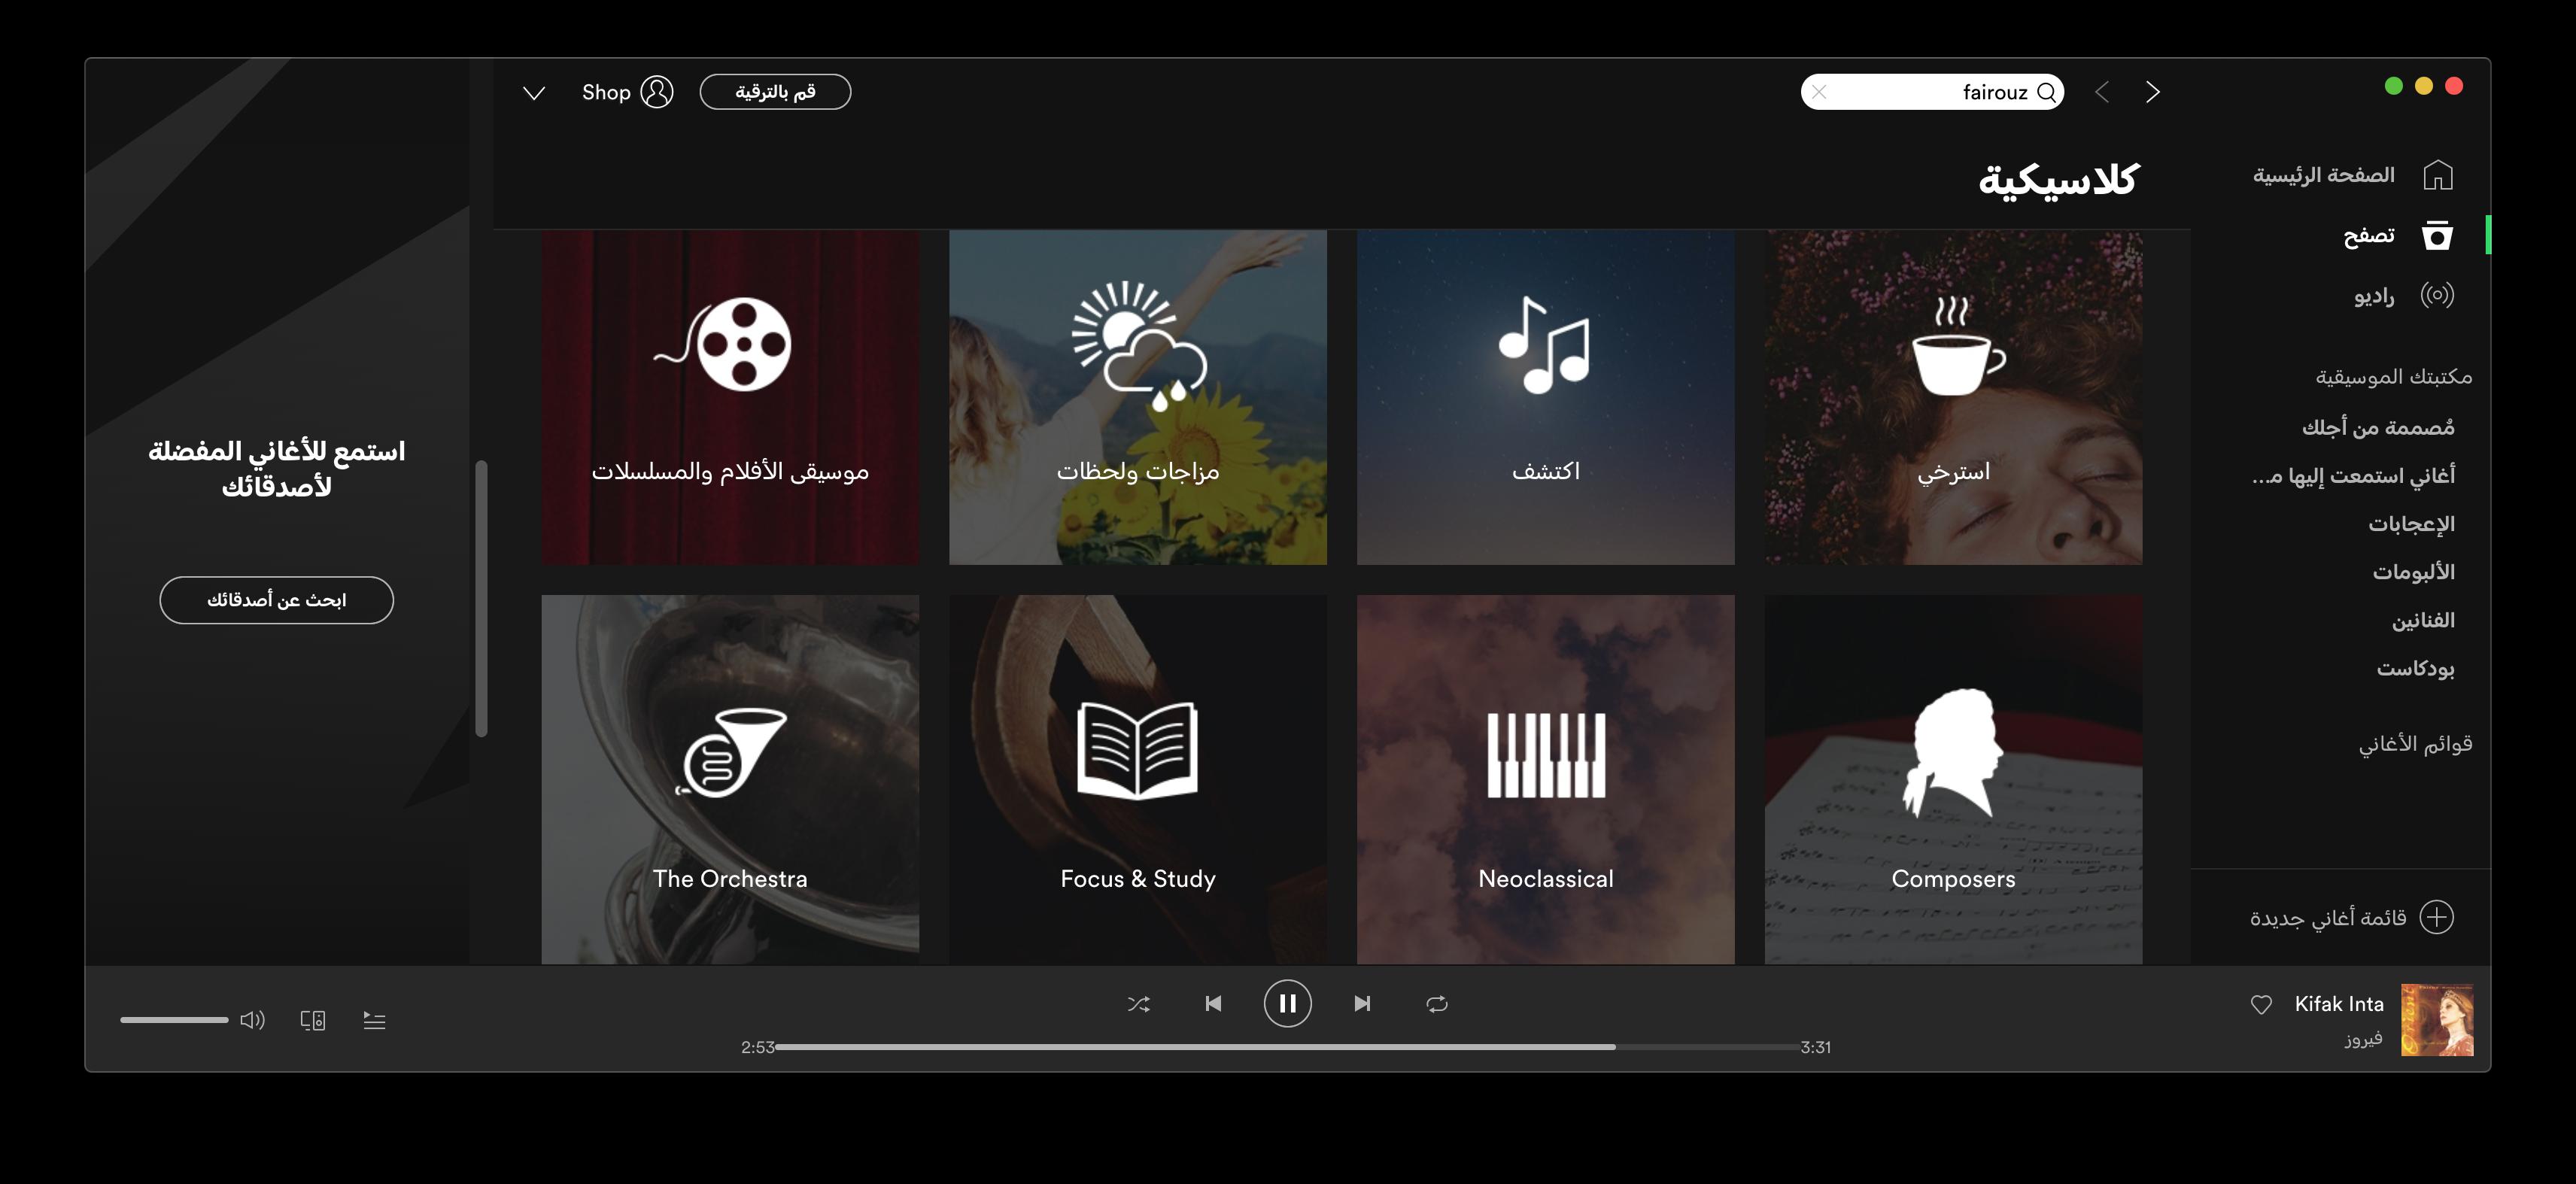 Circular Arabic used by Spotify 3